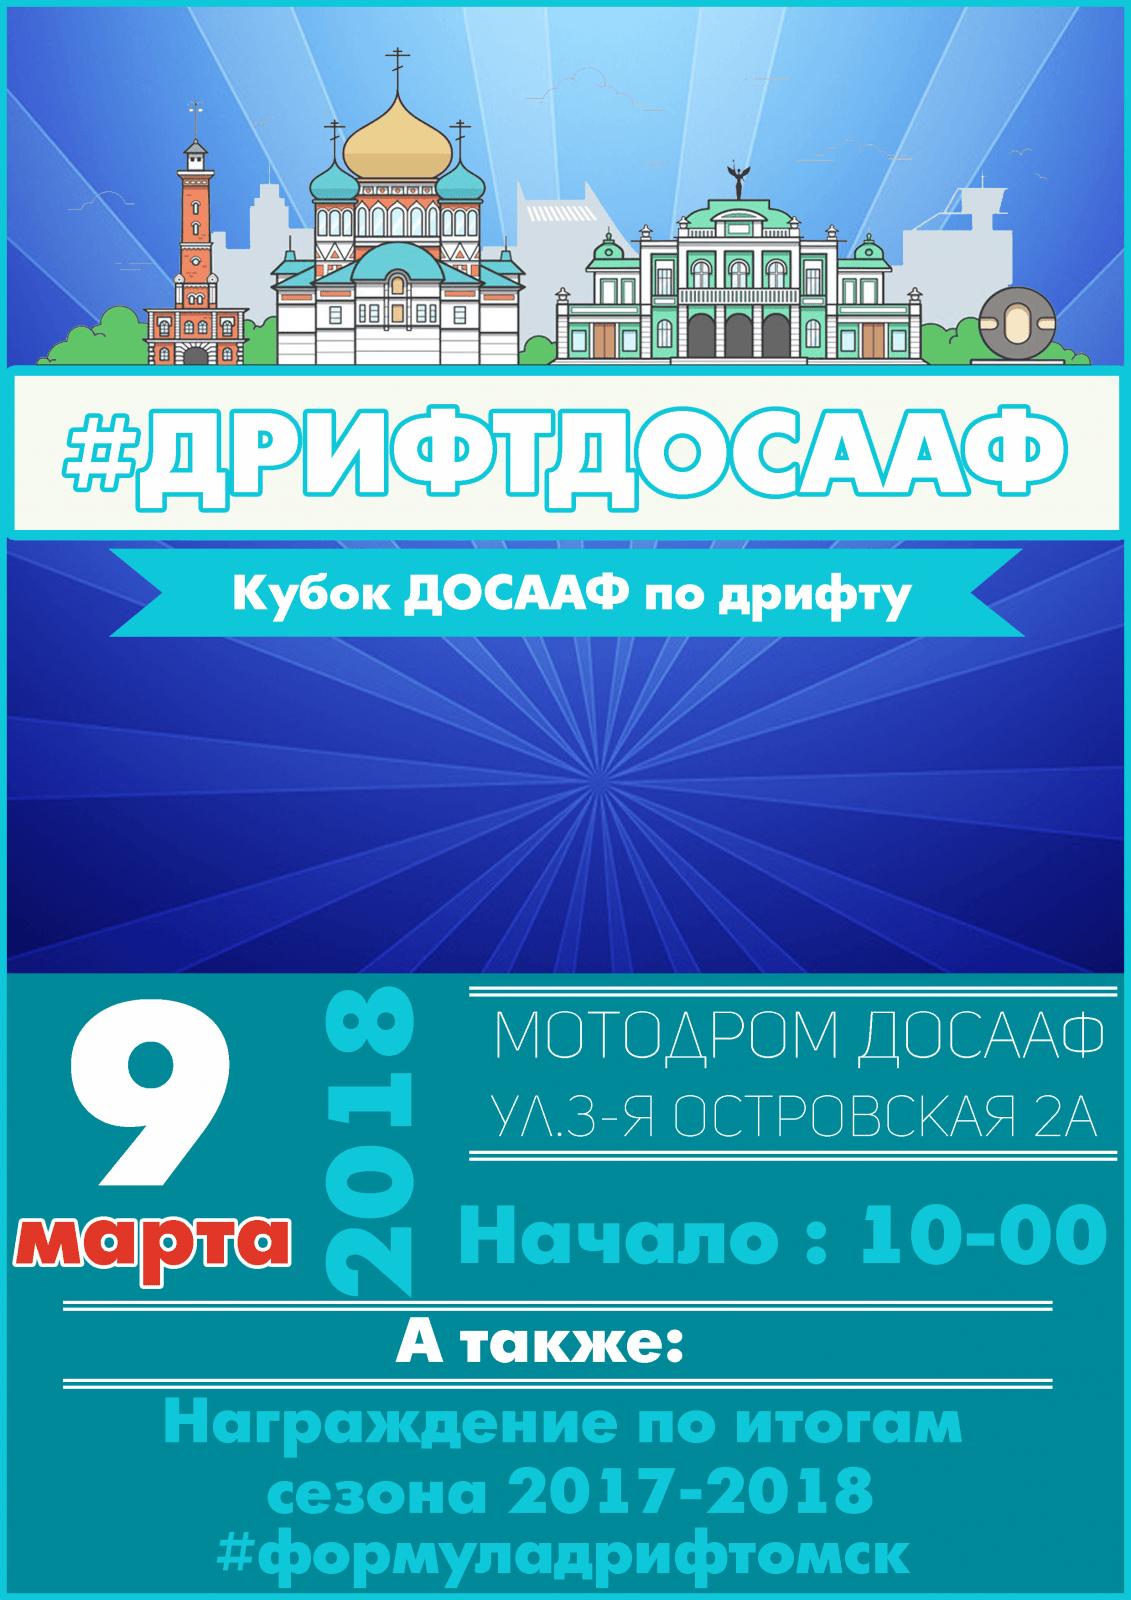 Приглашаем Вас на Кубок ДОСААФ России по дрифту 9 марта!